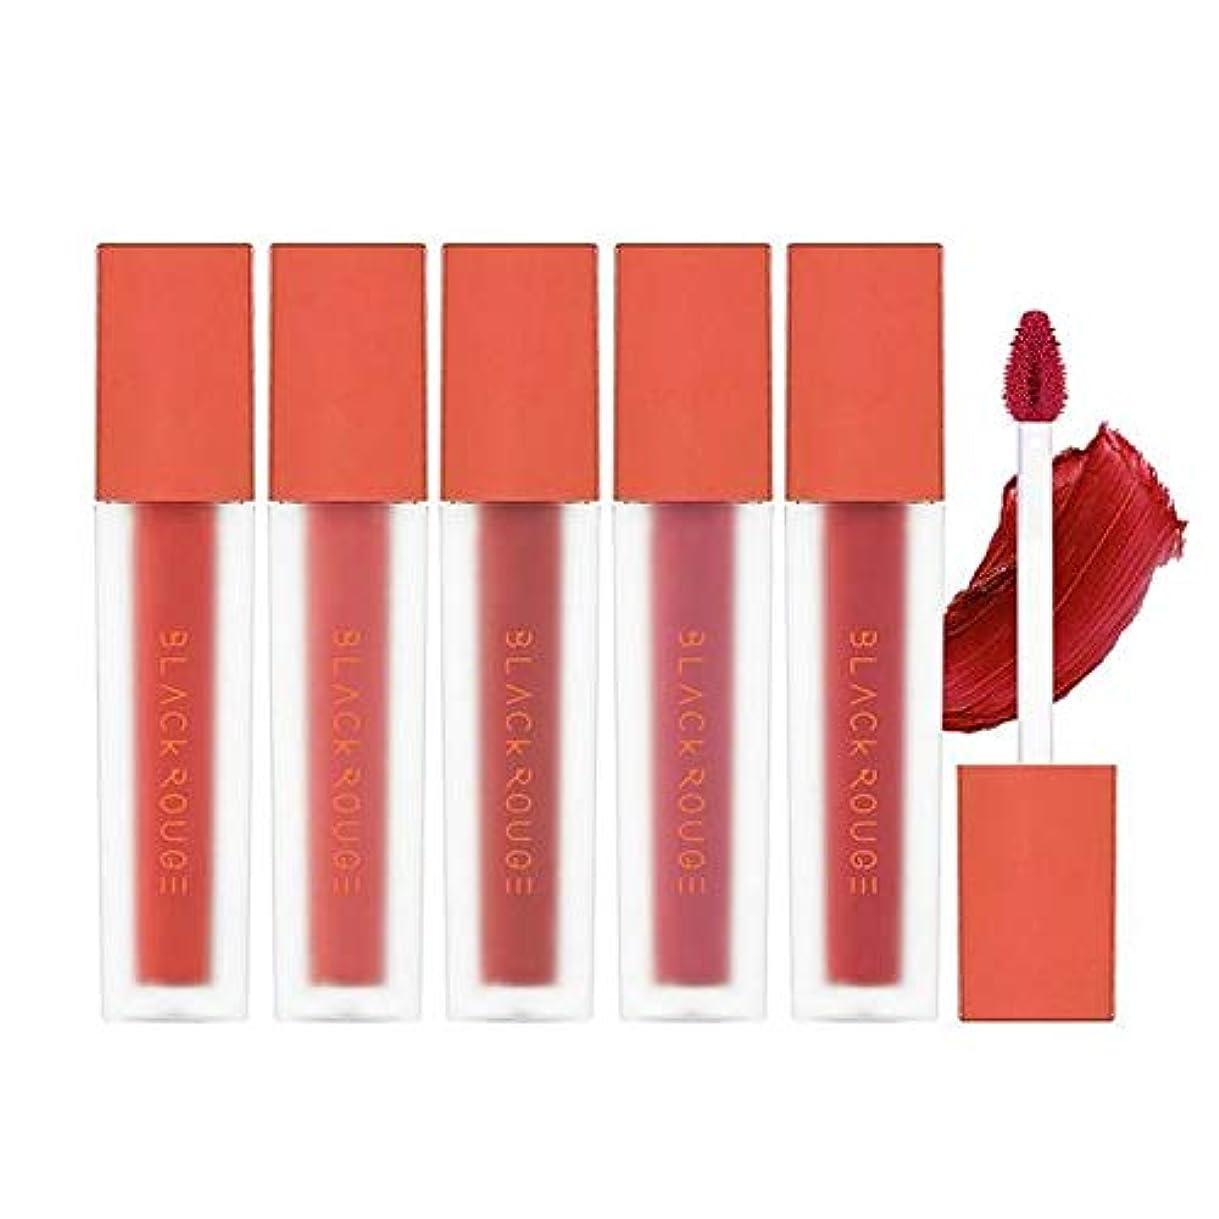 誤解を招く曲げる砦Black Rouge Air Fit Velvet Tint 4.5g ブラックルージュ エア フィット ベルベット ティント (A15 Jujube) [並行輸入品]